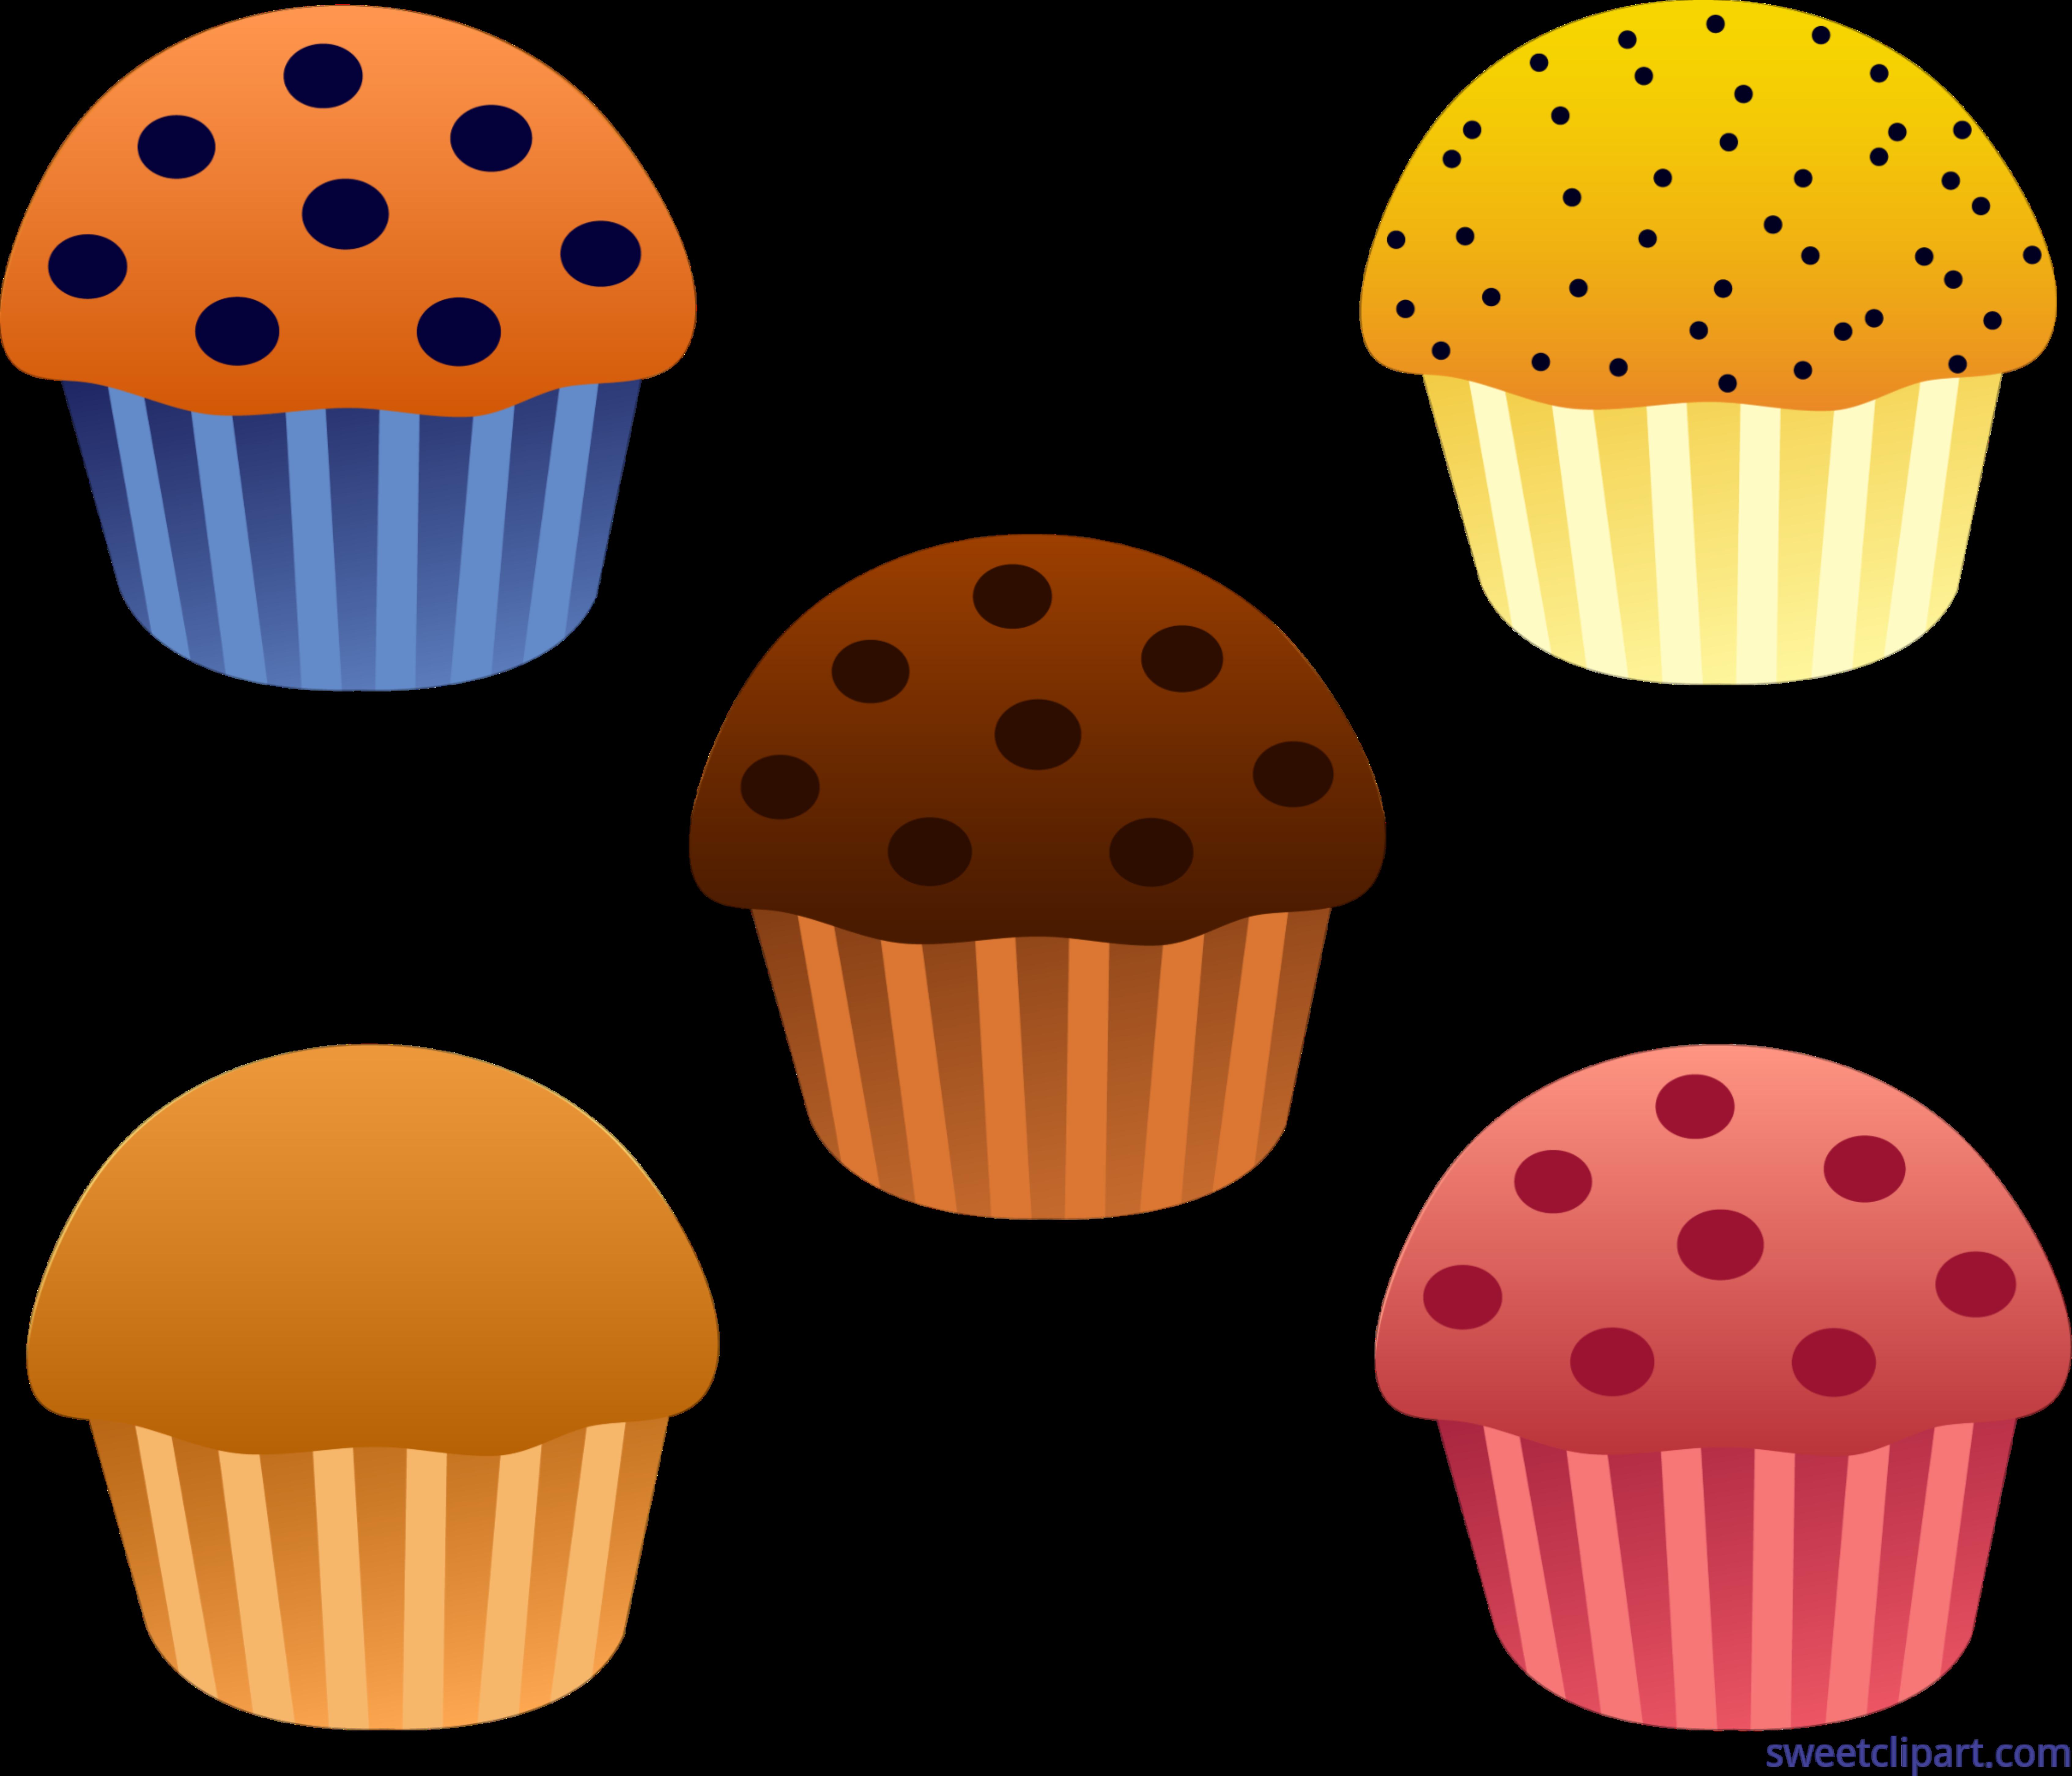 Cupcakes clipart design, Cupcakes design Transparent FREE.